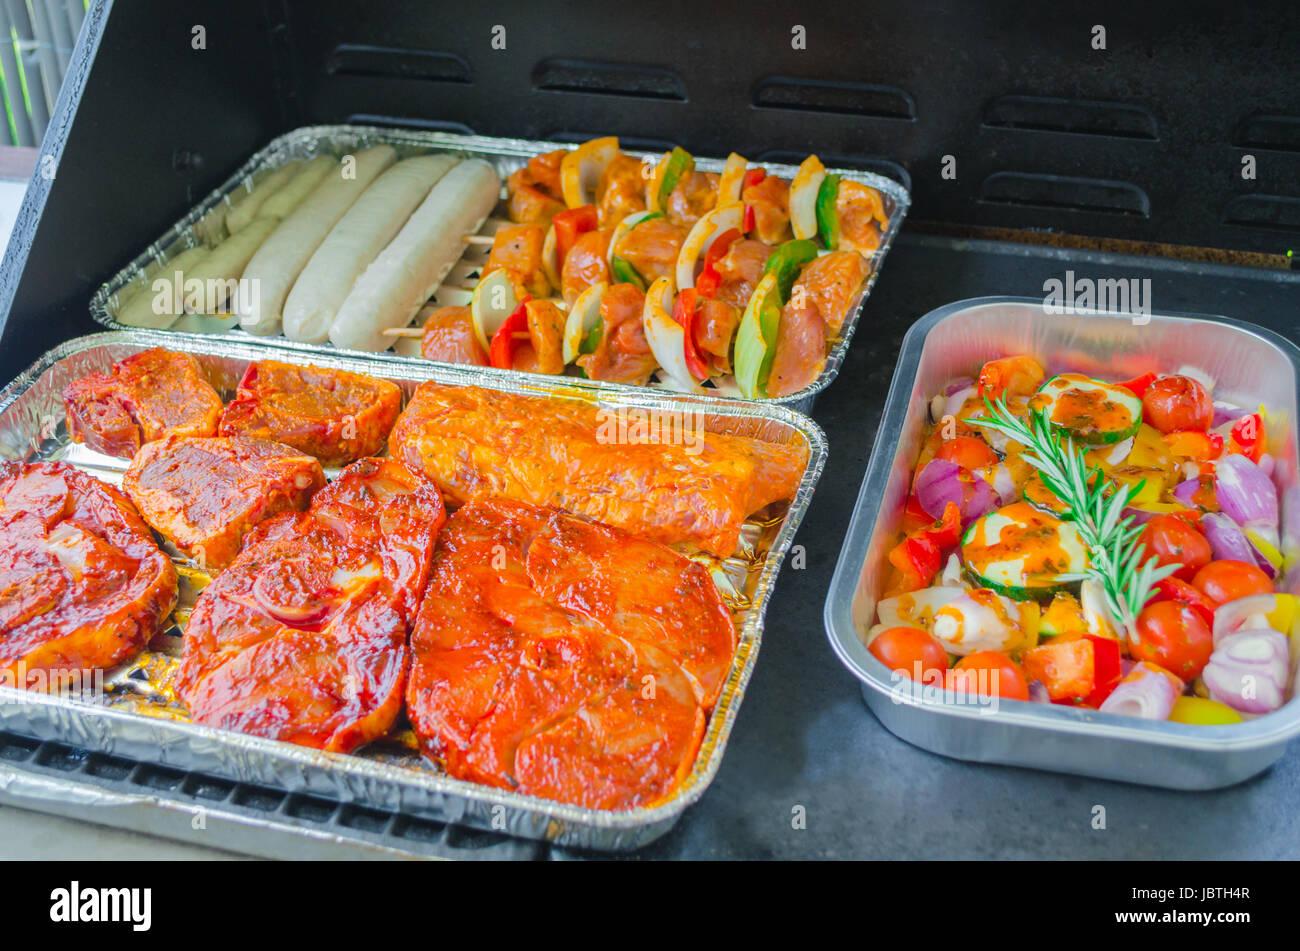 grillgut, grillfleisch mariniert in einer aluschale auf einem grill